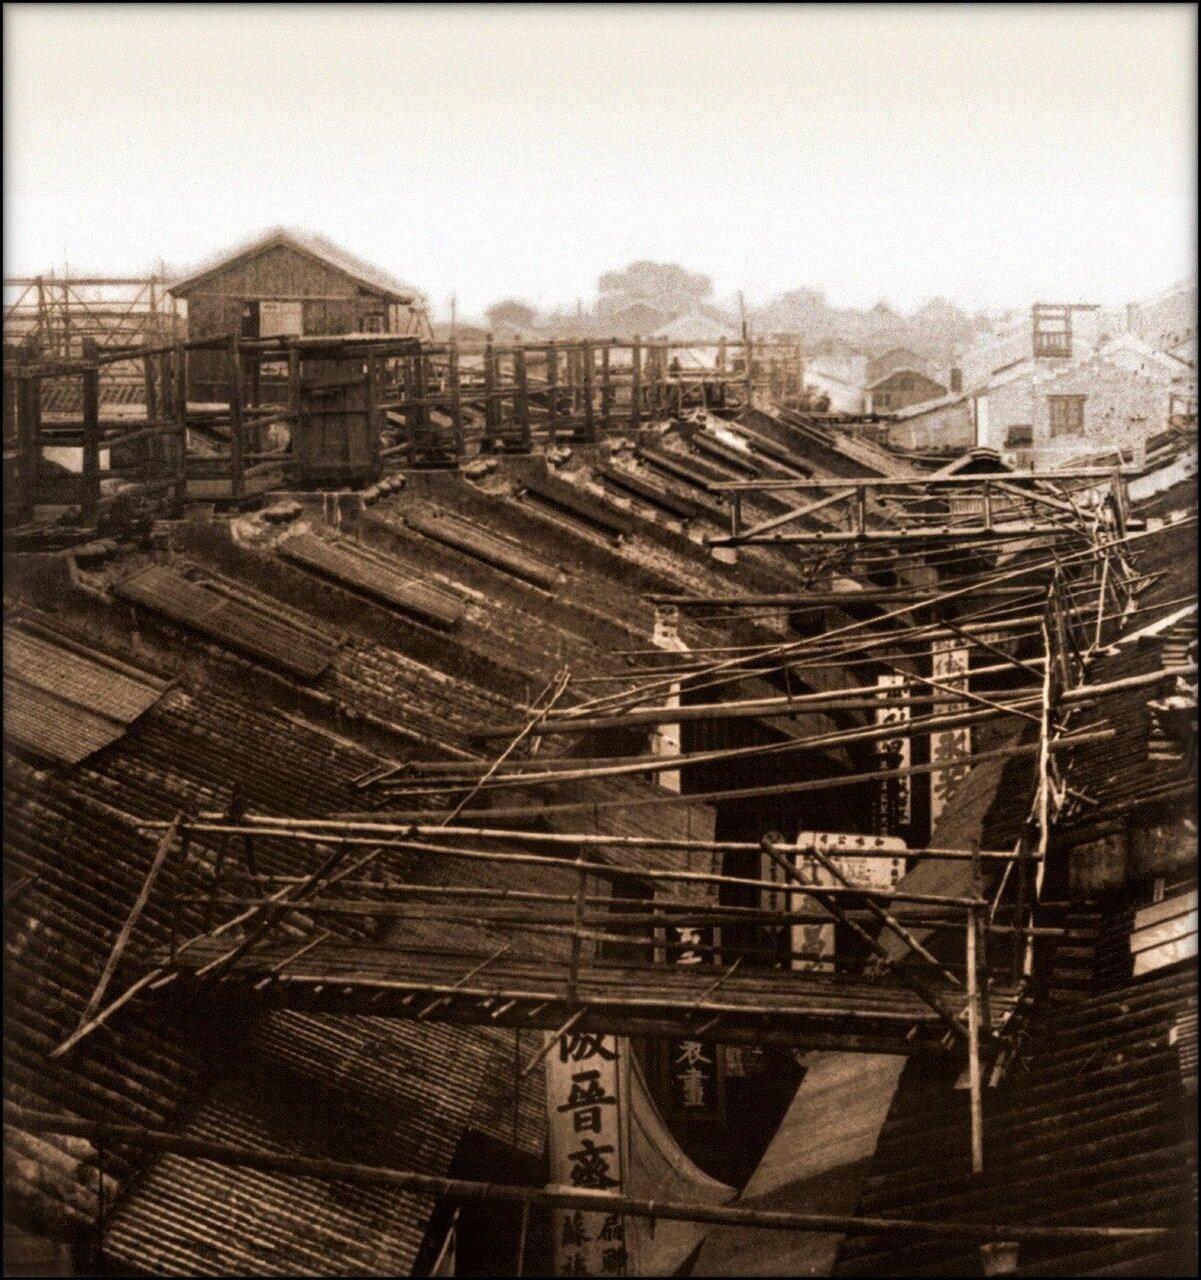 1900. Мостки на крыше, где ведет ночной дозор полиция. Кантон